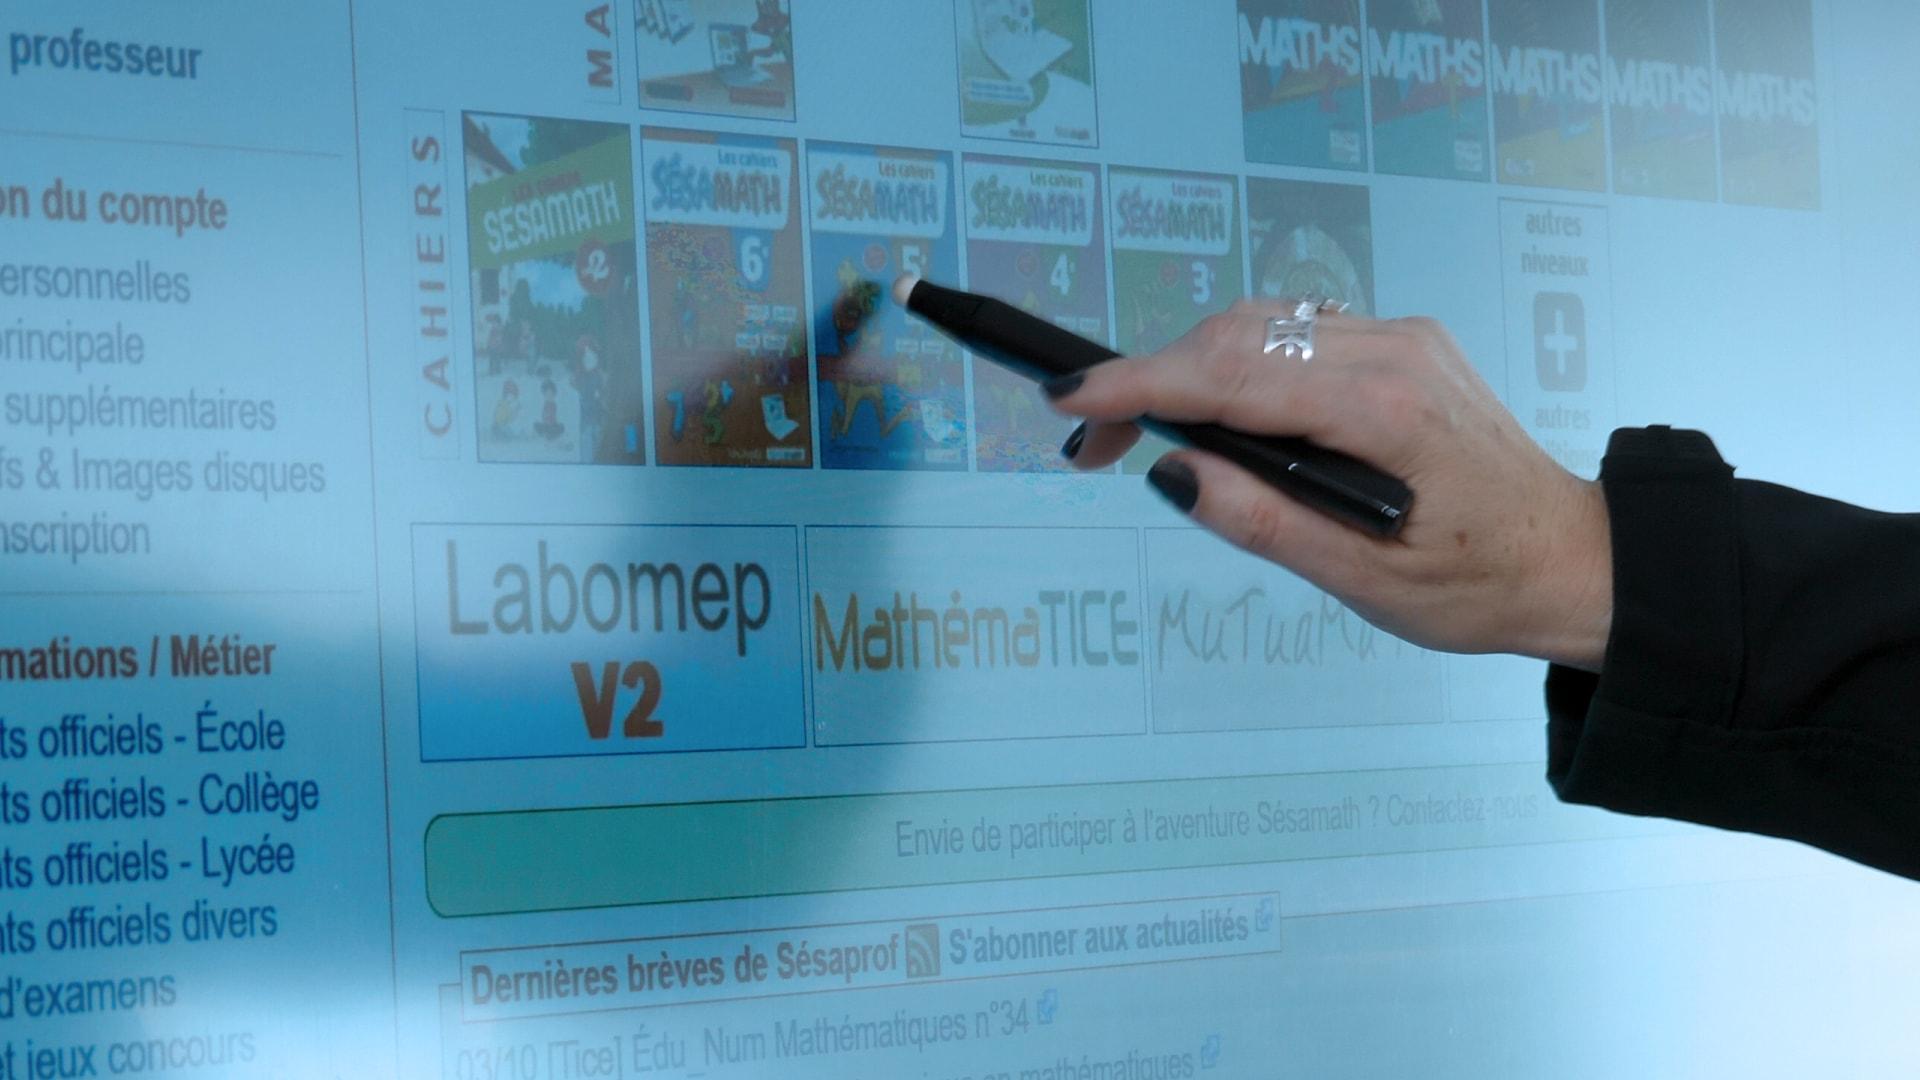 écran interactif pour les cours du professeur truck